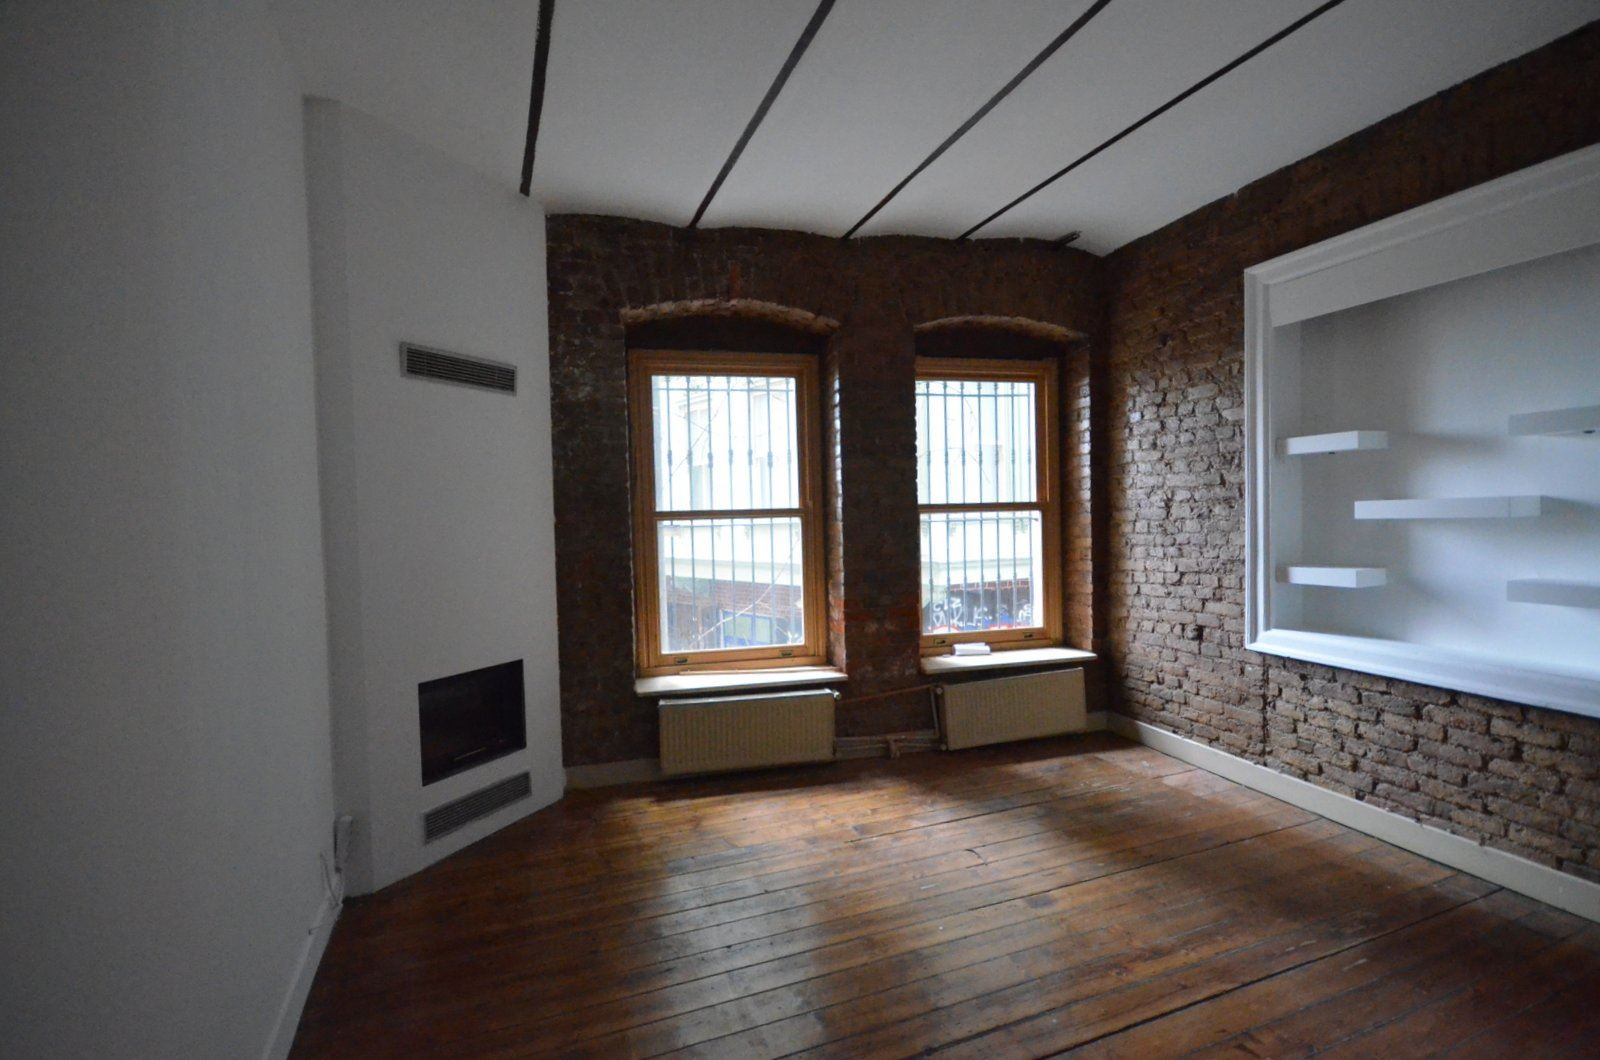 Century21 Açı'dan Galata'da Kiralık Giriş Katı Ofis / Home Ofis